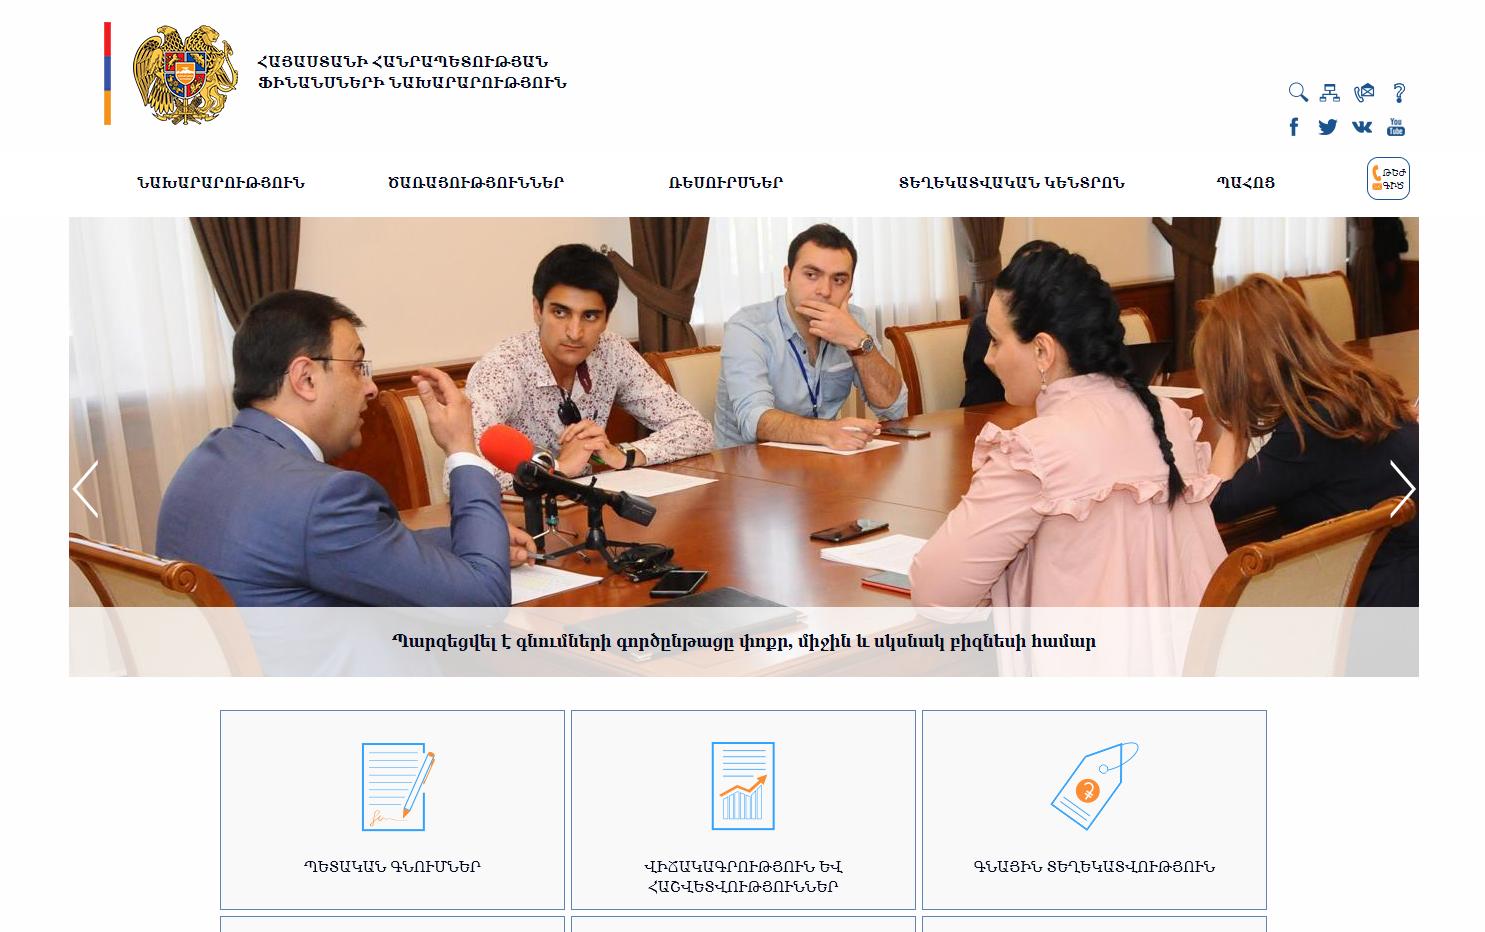 Գործարվել է ՀՀ ֆինանսների նախարարության պաշտոնական կայքի թարմացված տարբերակը